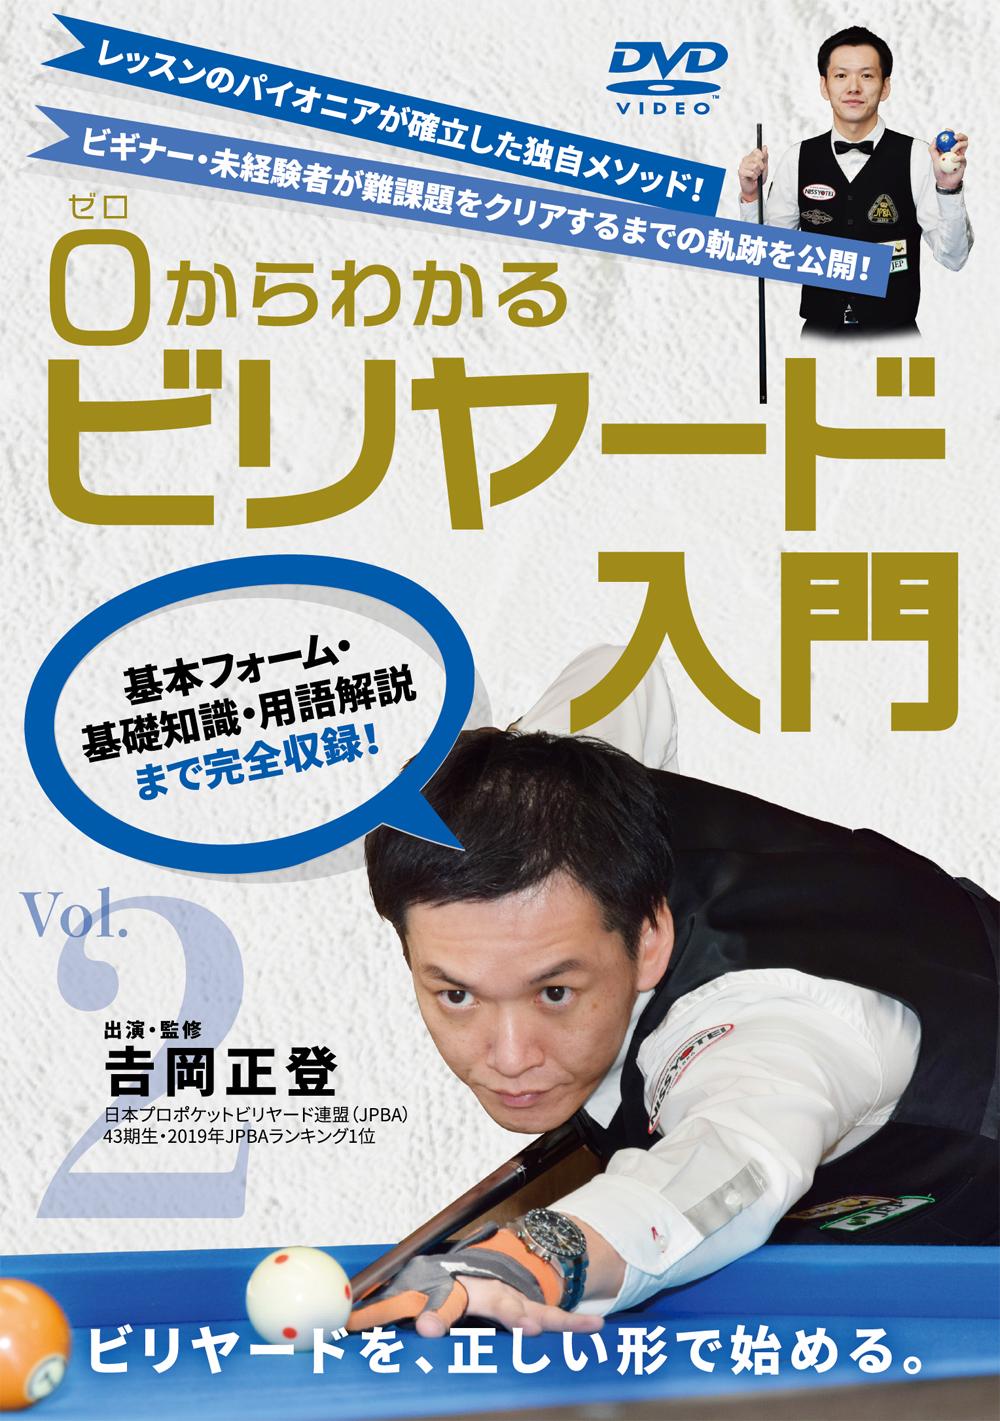 DVD 0(ゼロ)からわかるビリヤード入門 Vol.2